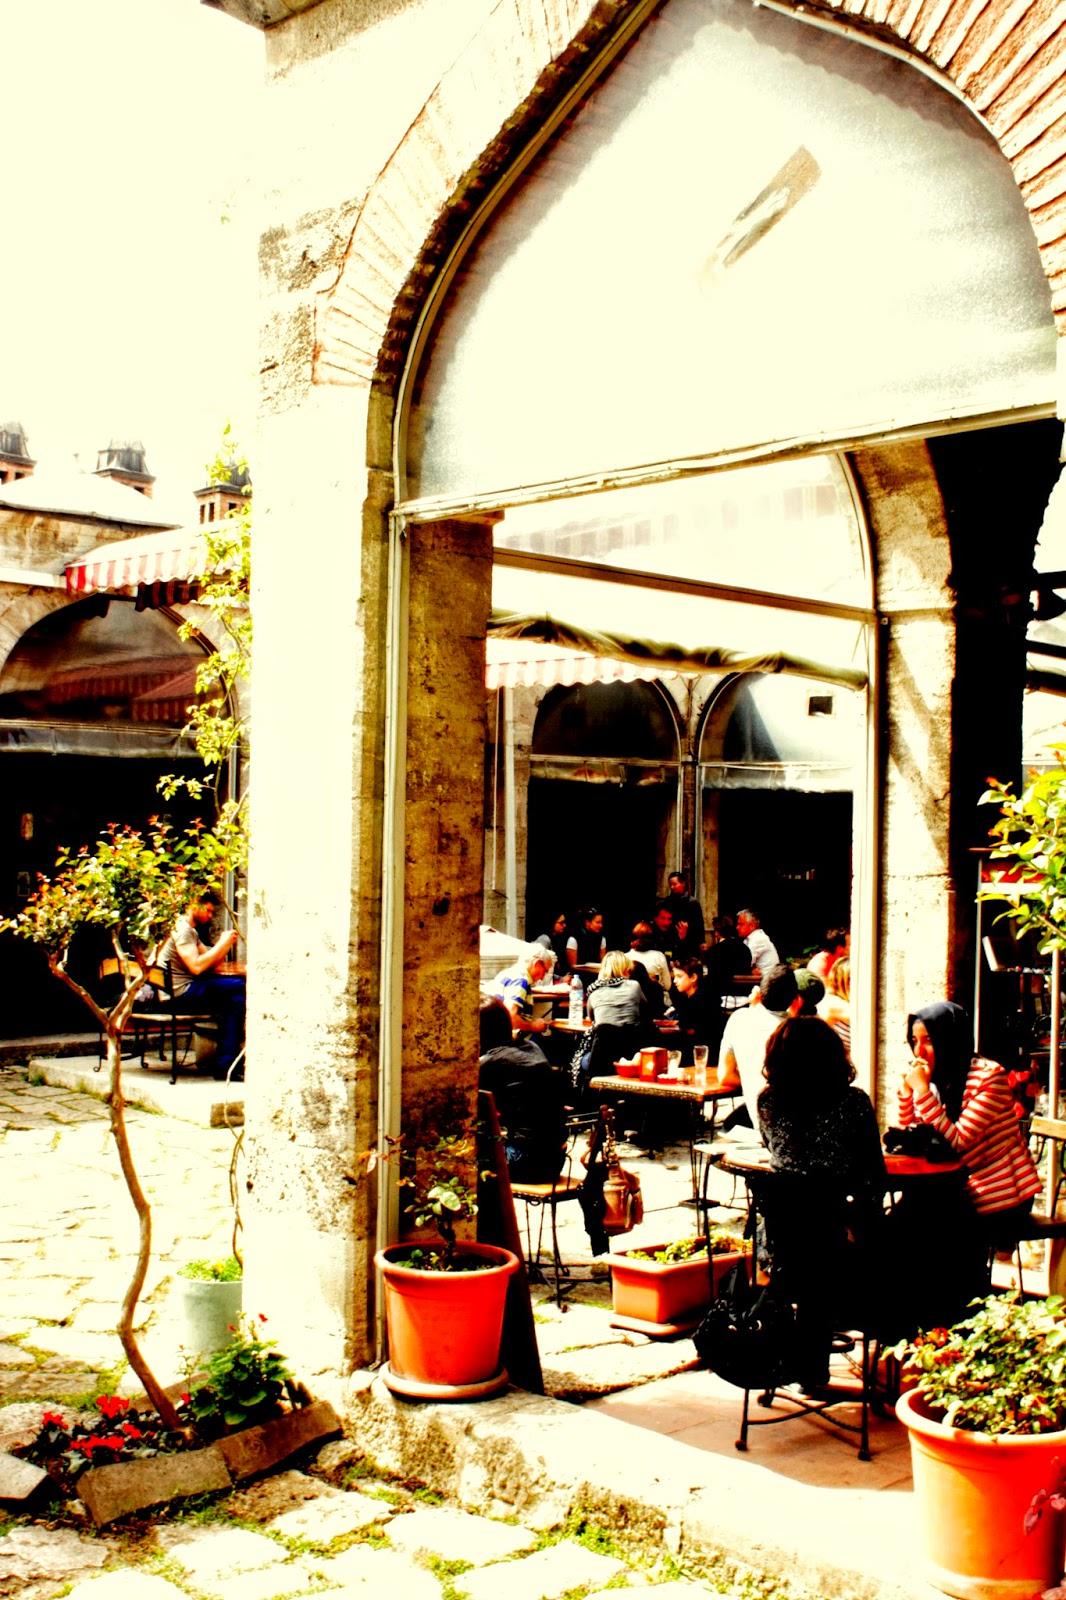 İstanbul'da Oturanların Günübirlik Gidebilecekleri Müthiş Yerler 42